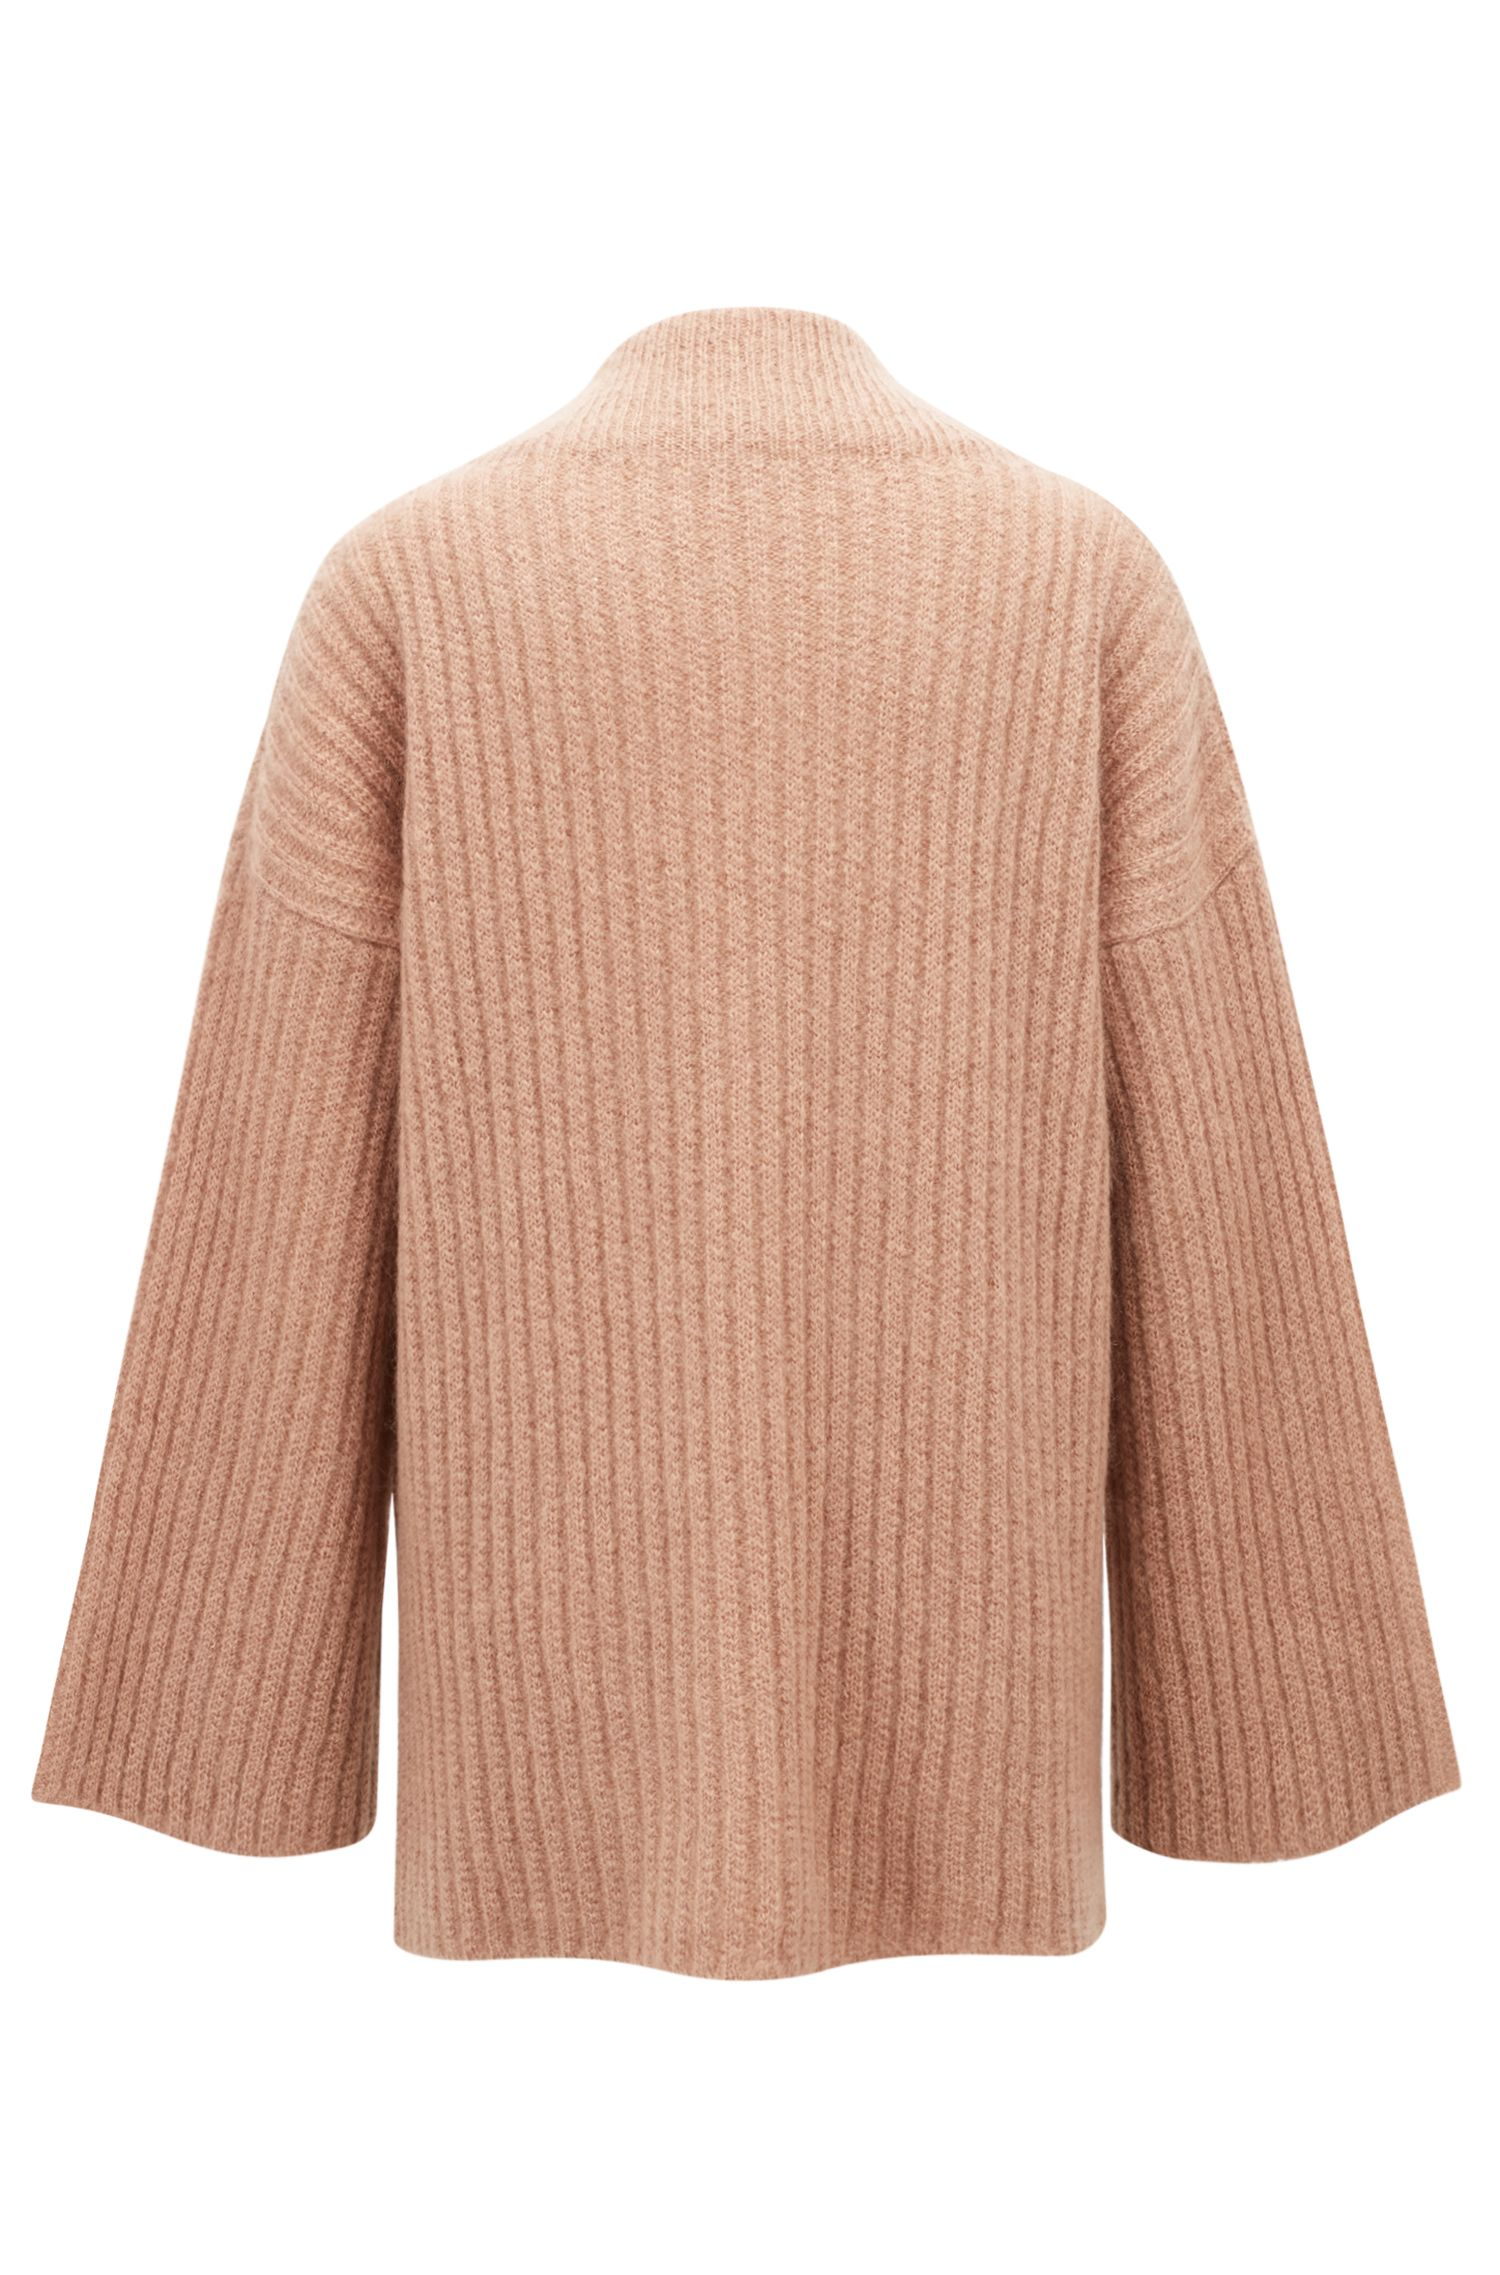 Maglione a collo alto in misto lana realizzato in Italia, Marrone